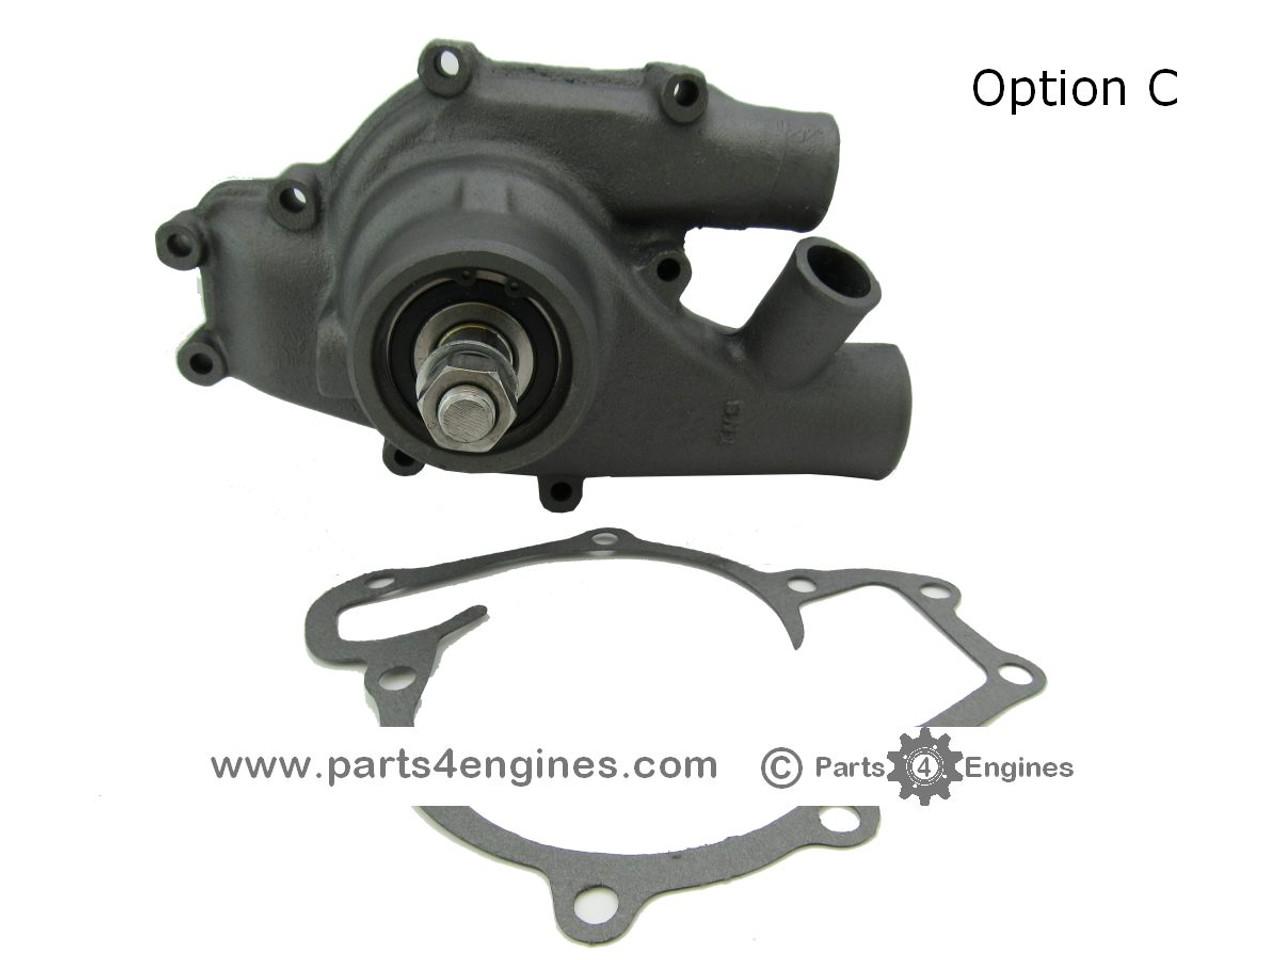 Perkins 6.354 option C water pump - parts4engines.com